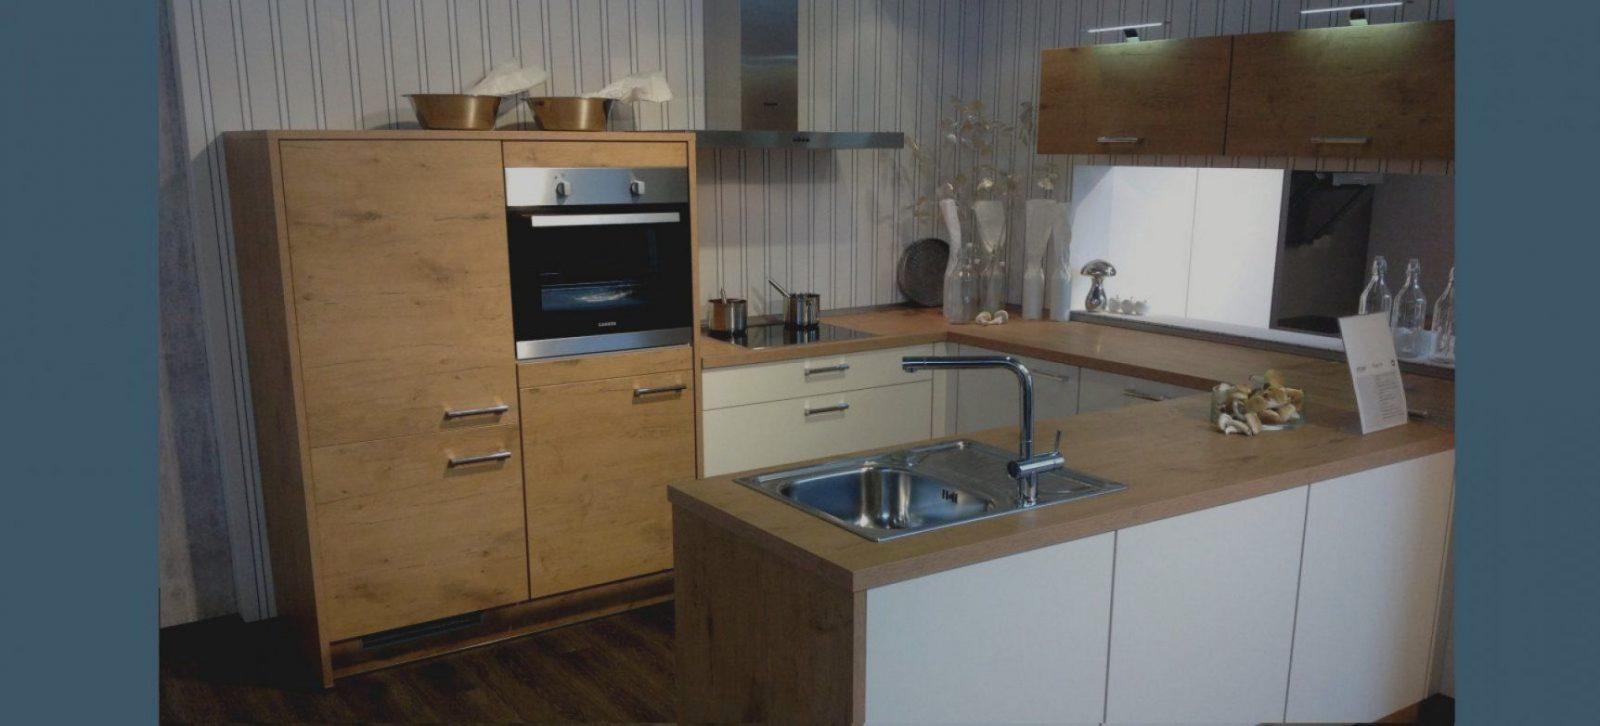 Billig Gebrauchte Küchen Kaufen Küche Gebraucht Kaufen Ebay Küchen